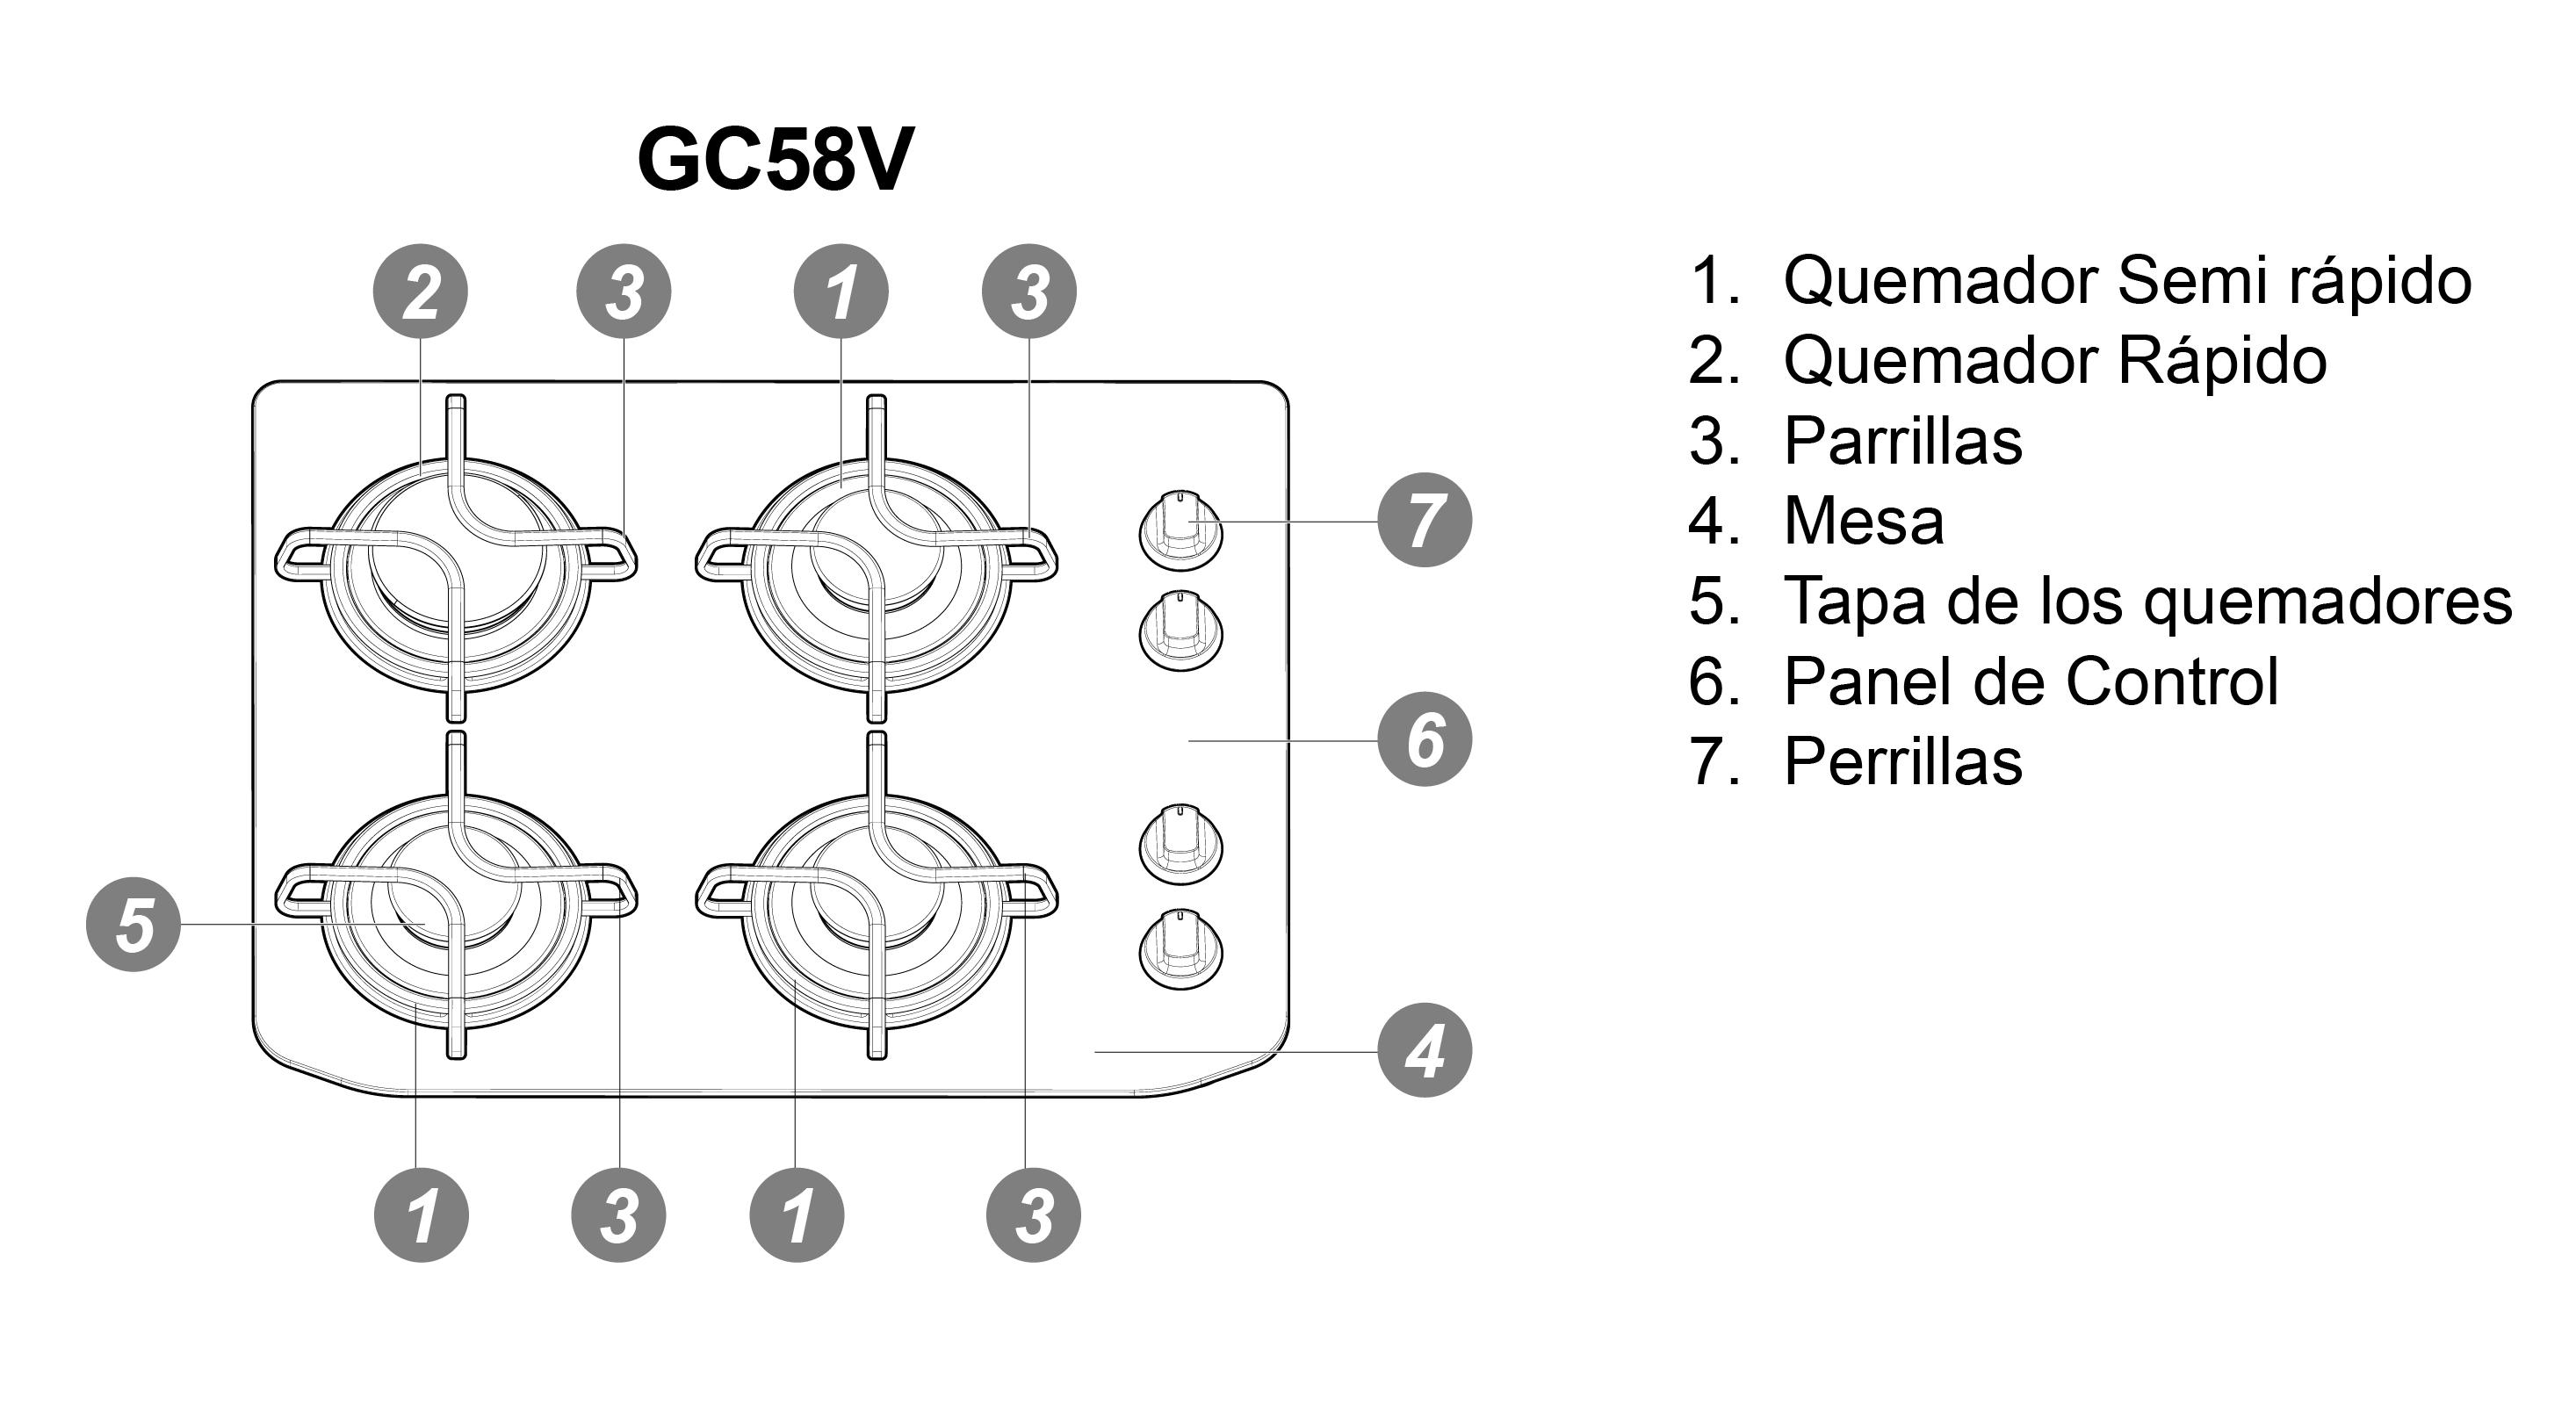 descricpcion producto encimera gv